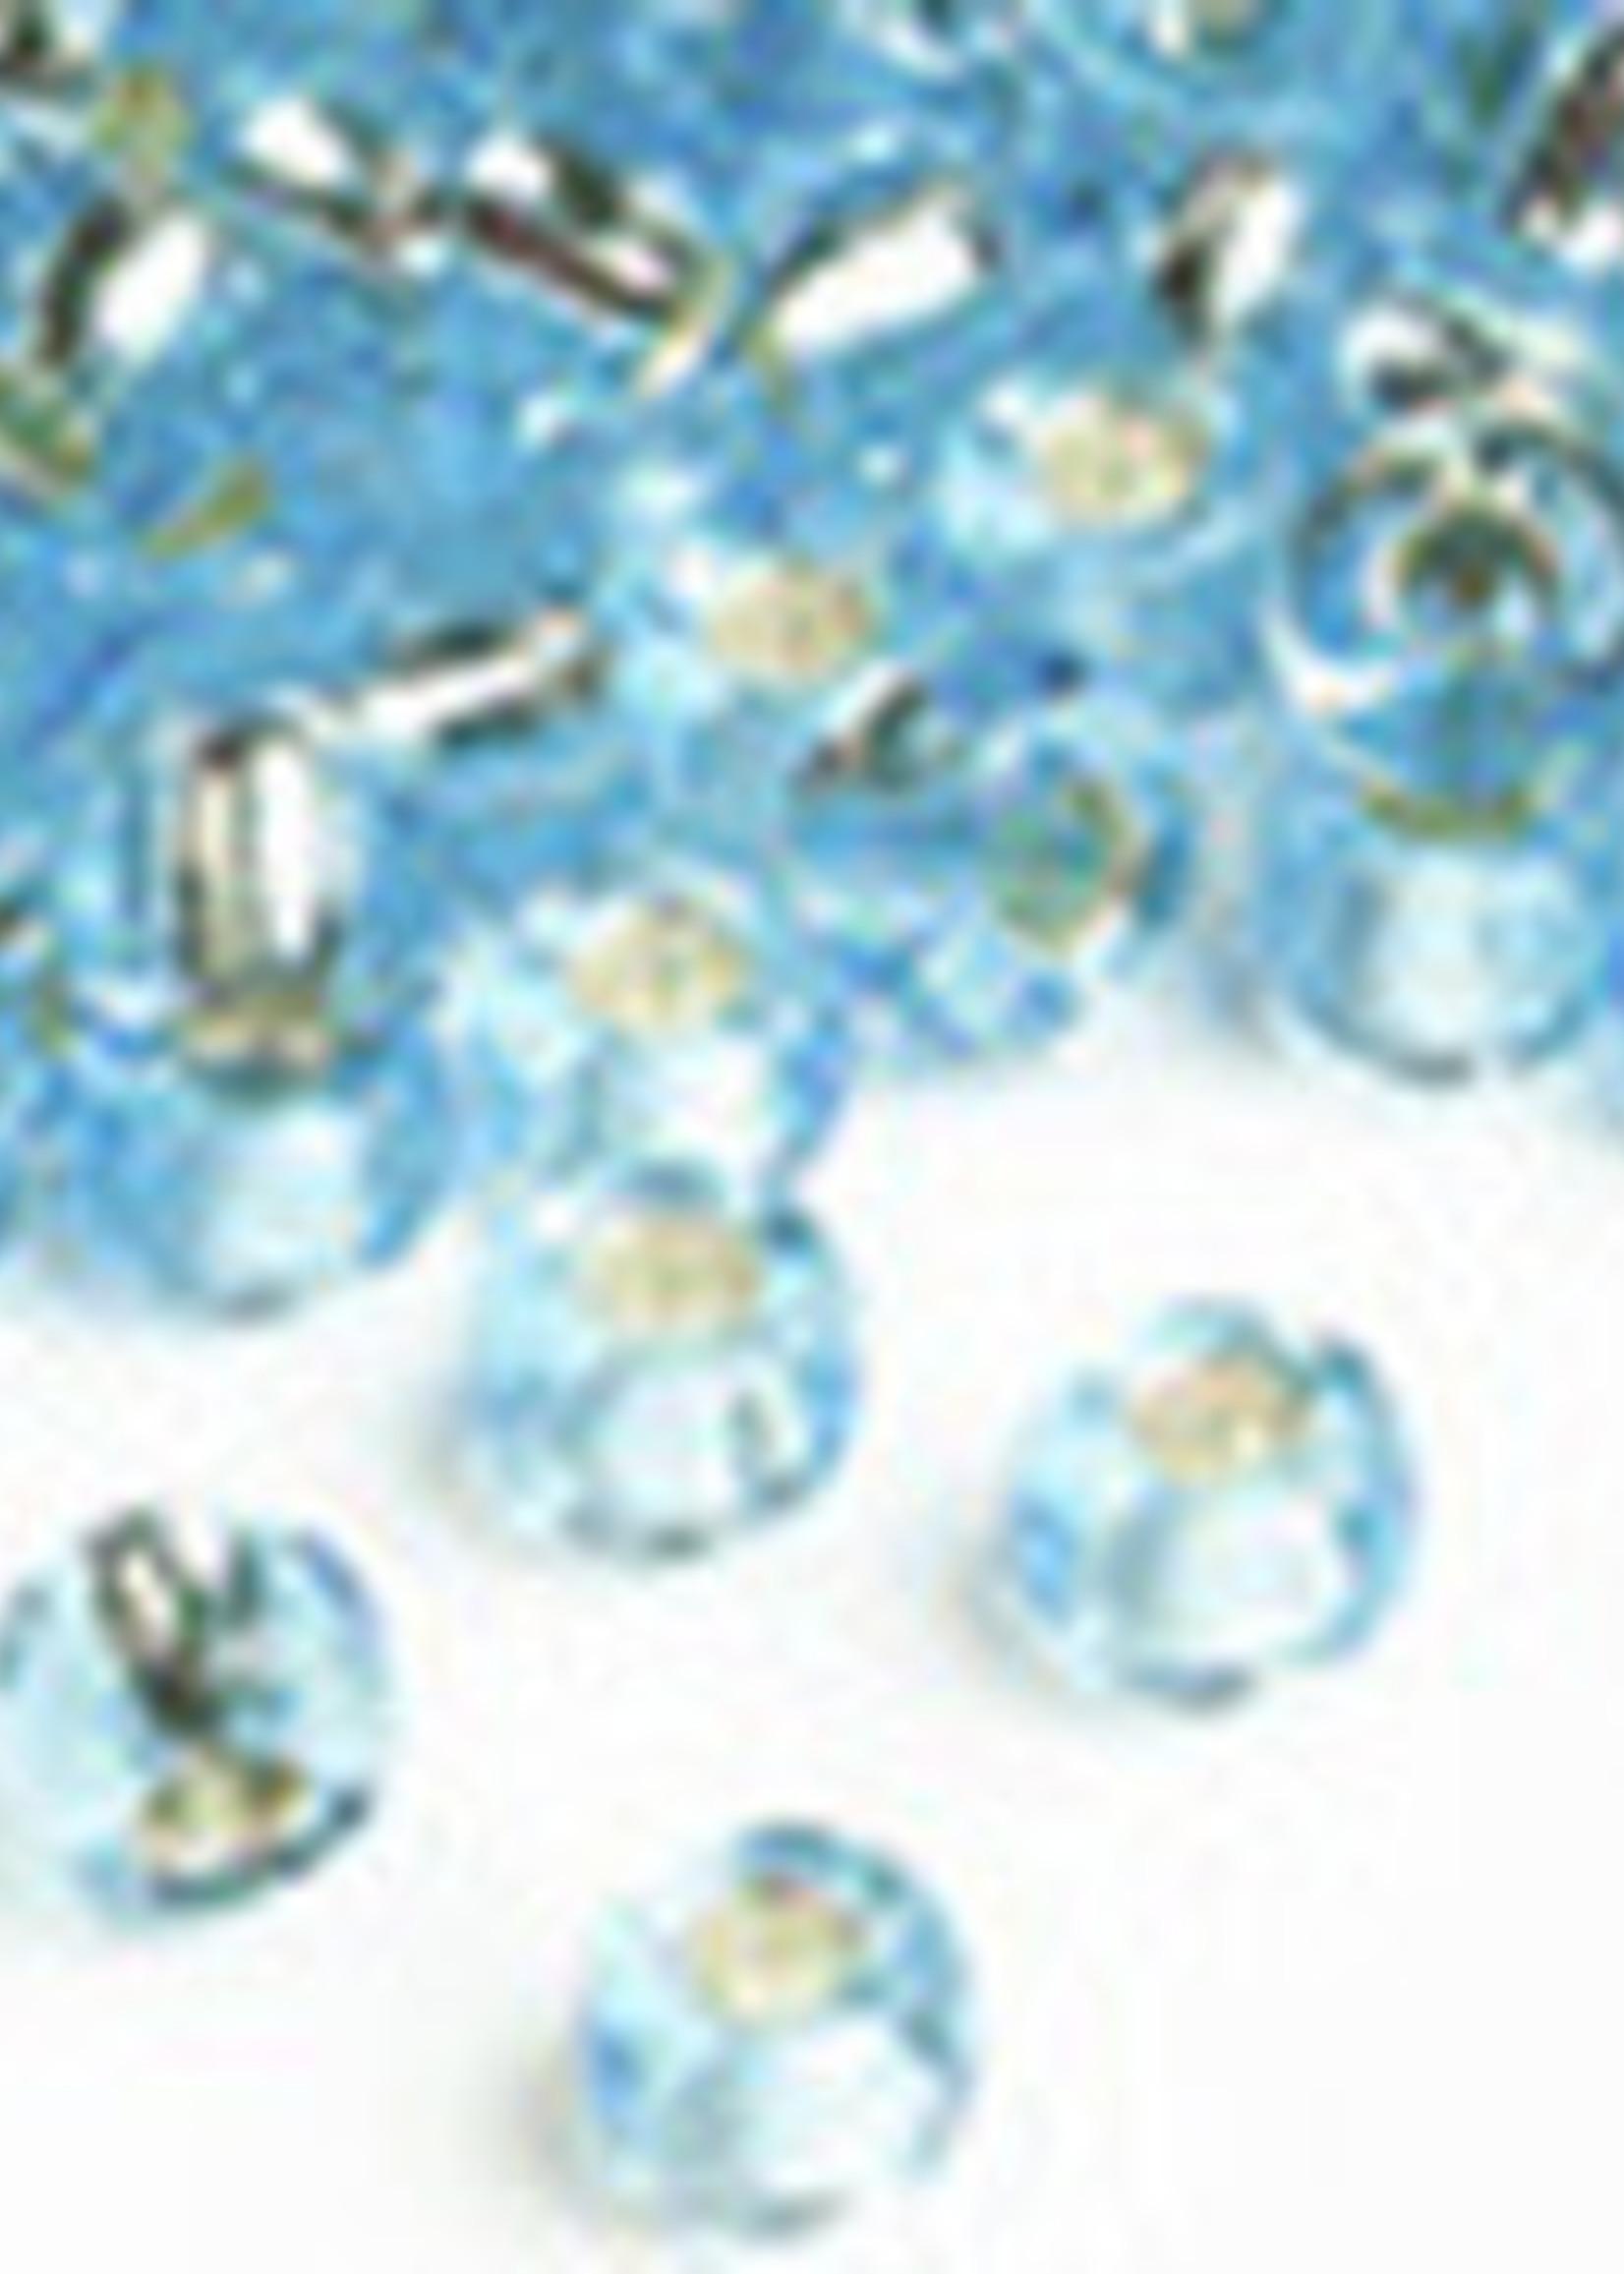 Miyuki Beads Miyuki Bead 6/0 Silverlined Pale Sky Blue